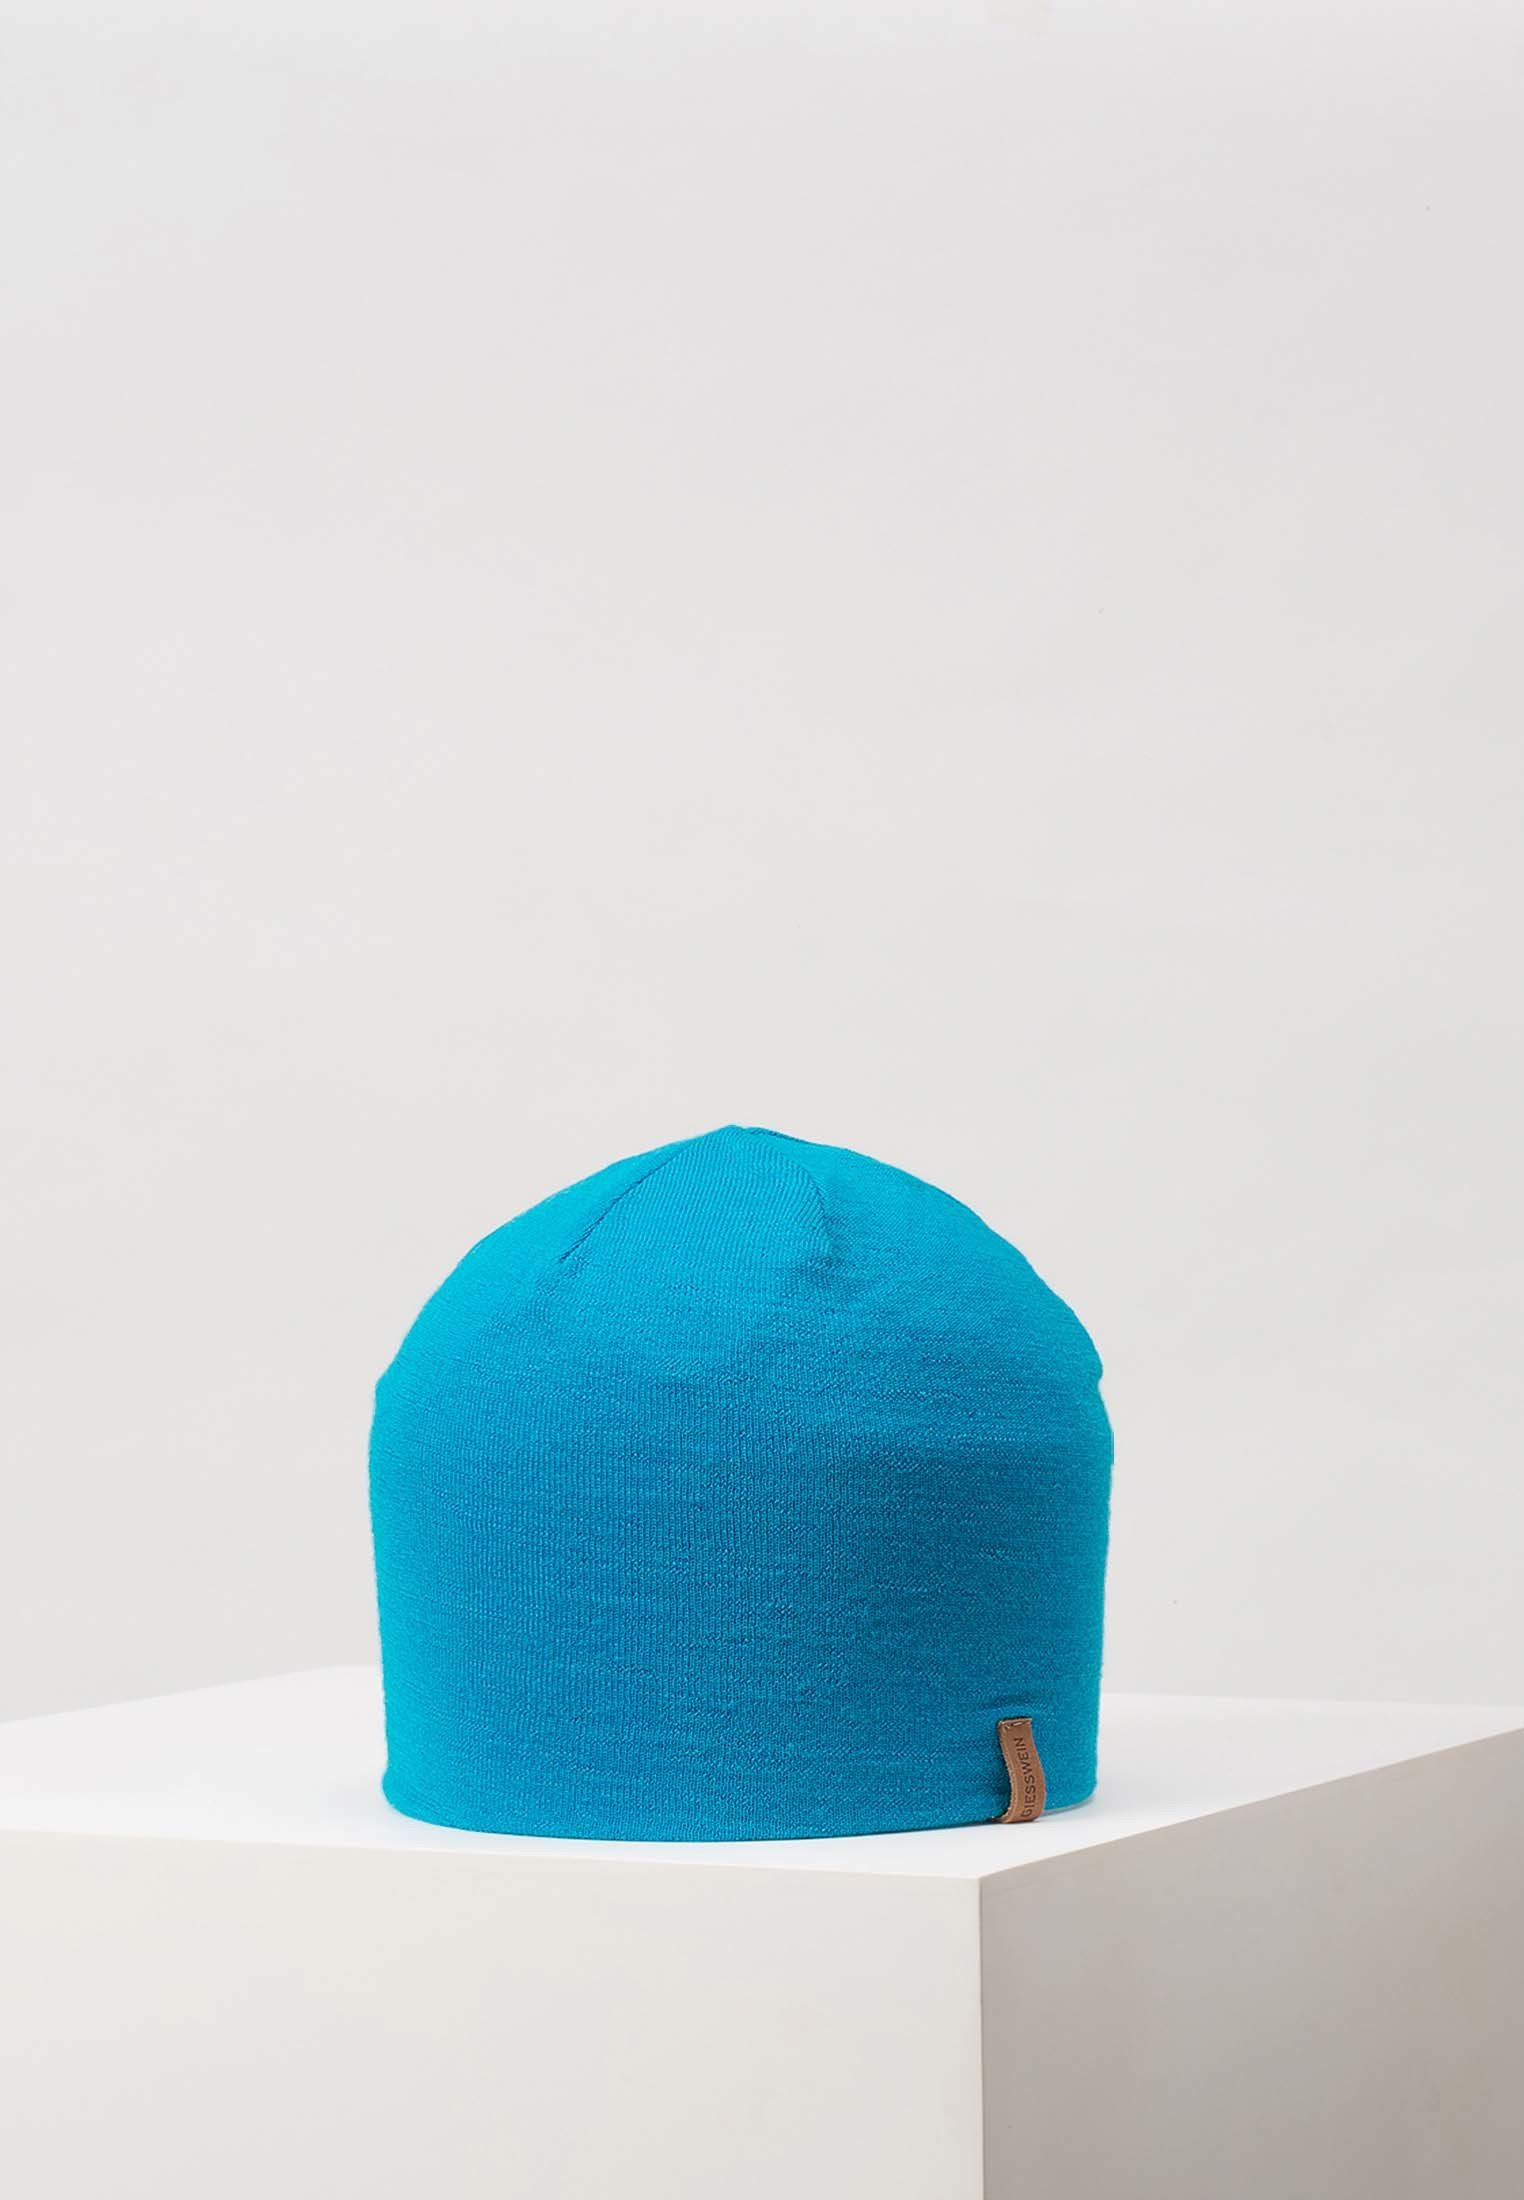 Giesswein Gehrenspitze - Mütze Cobalt/türkis